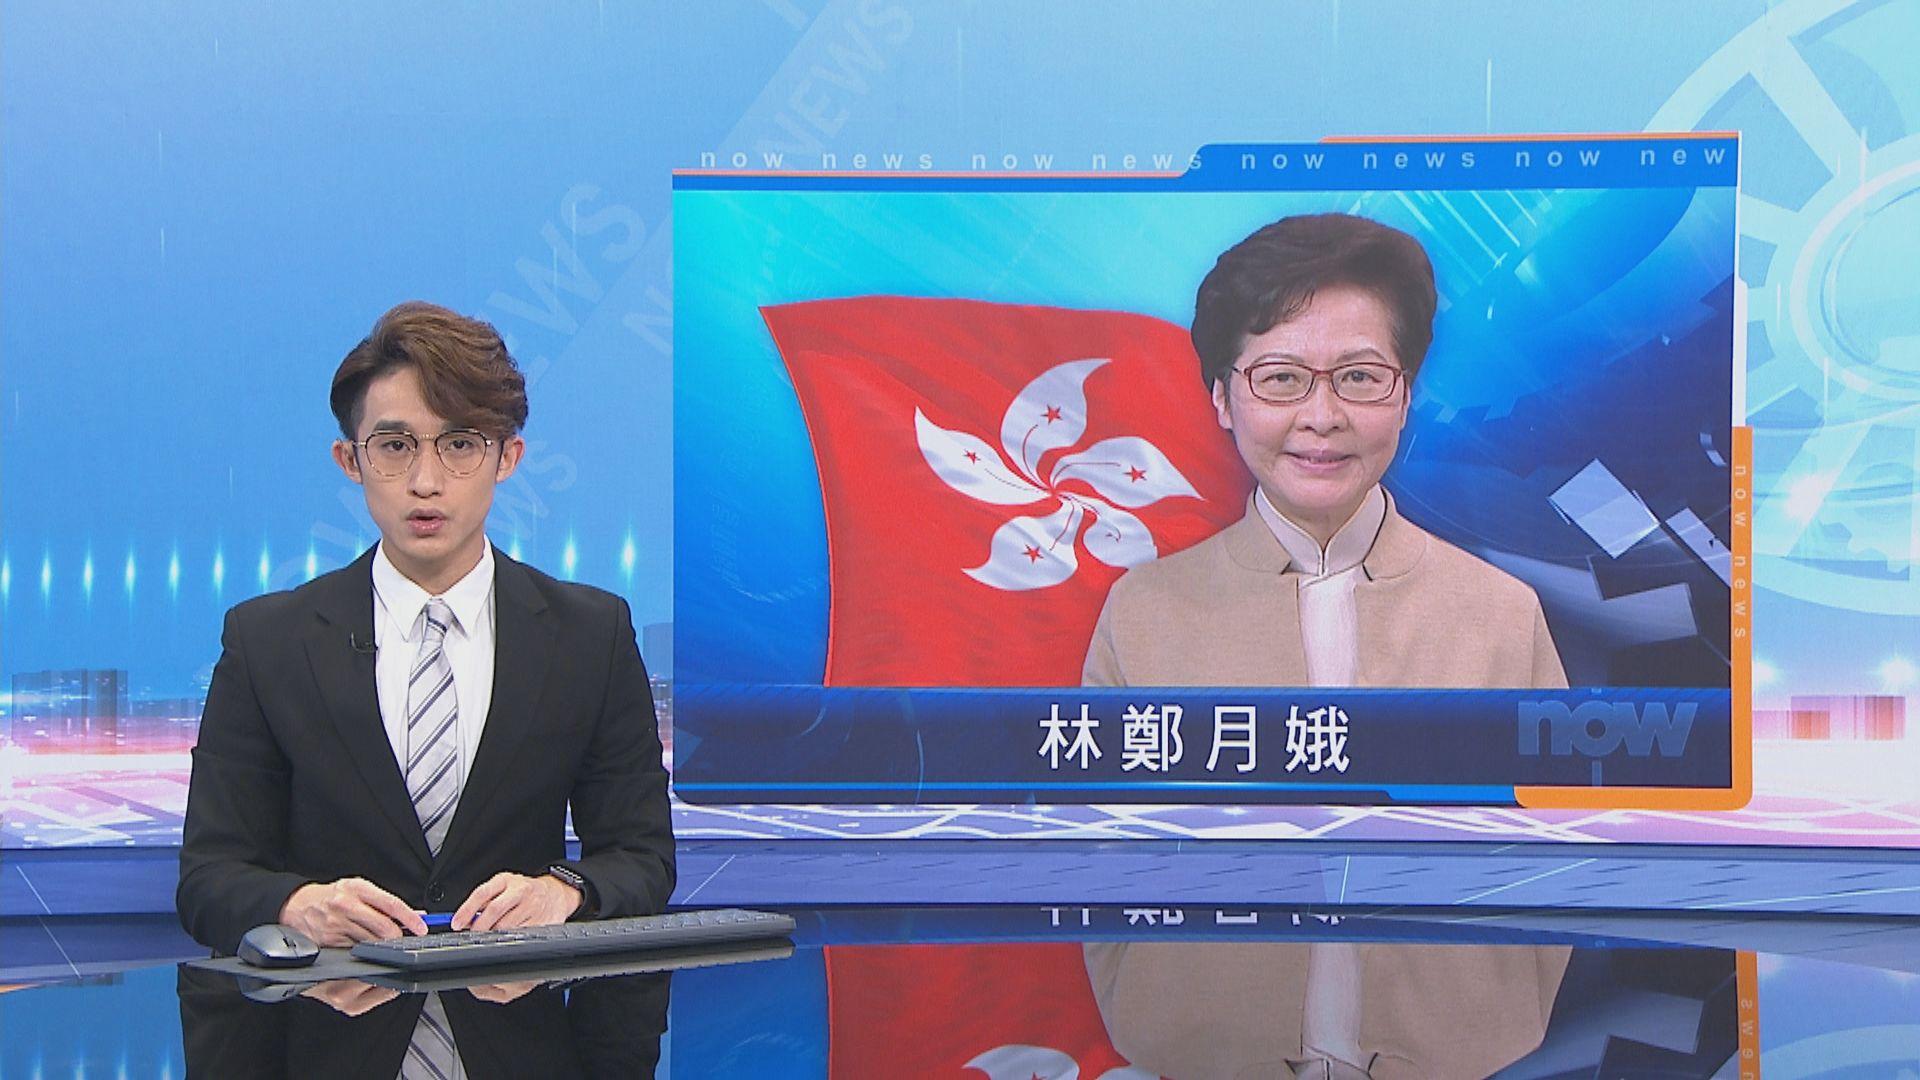 林鄭︰今屆任期內無空間辦區議會補選